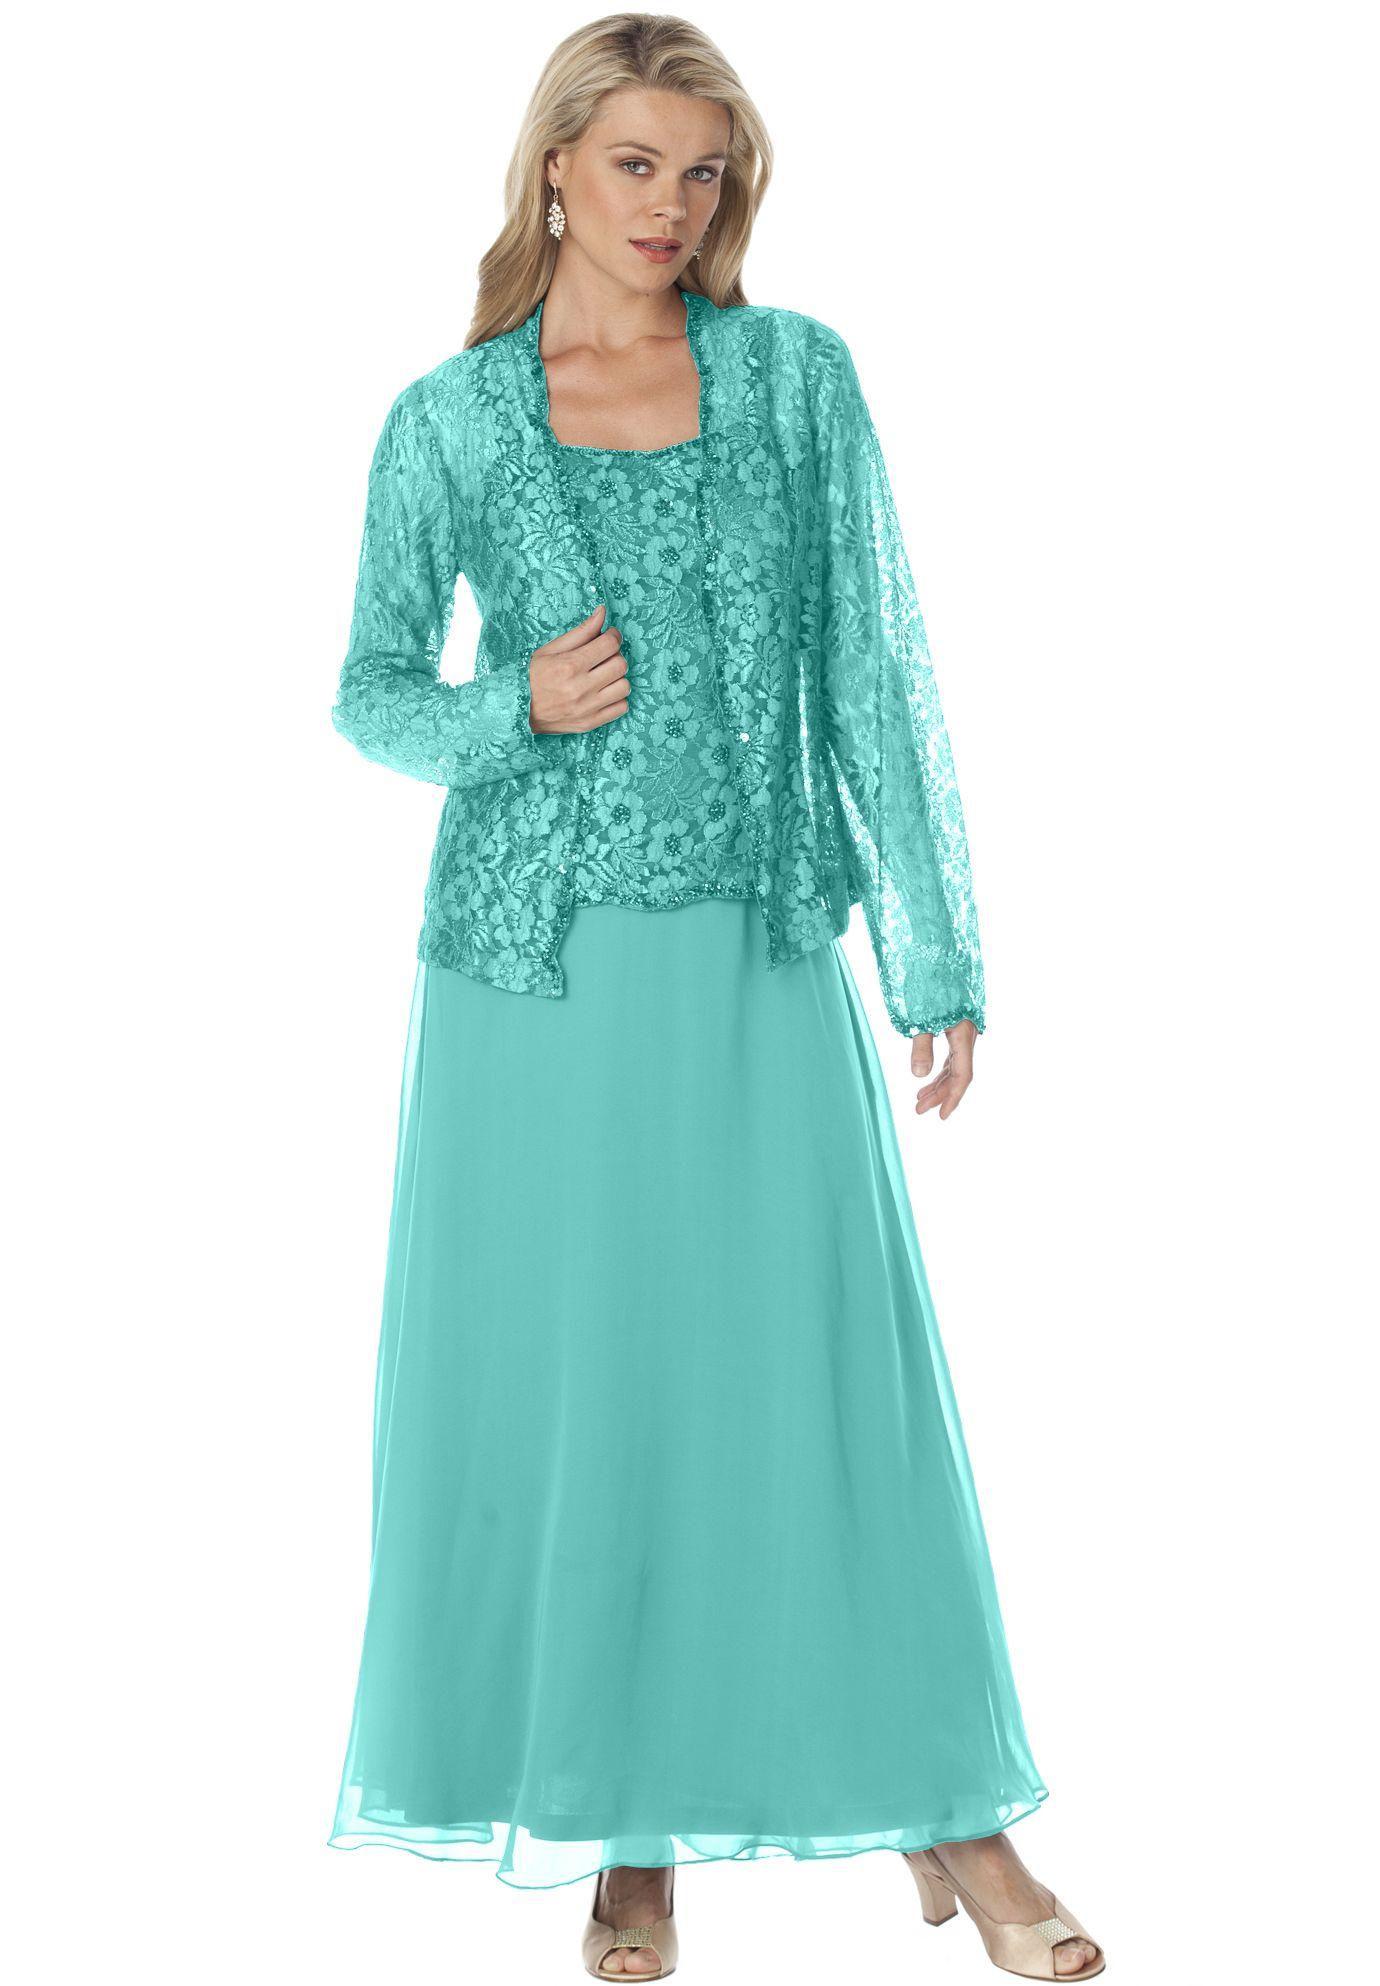 Beaded Lace Jacket Dress Plus Size Summer Wedding